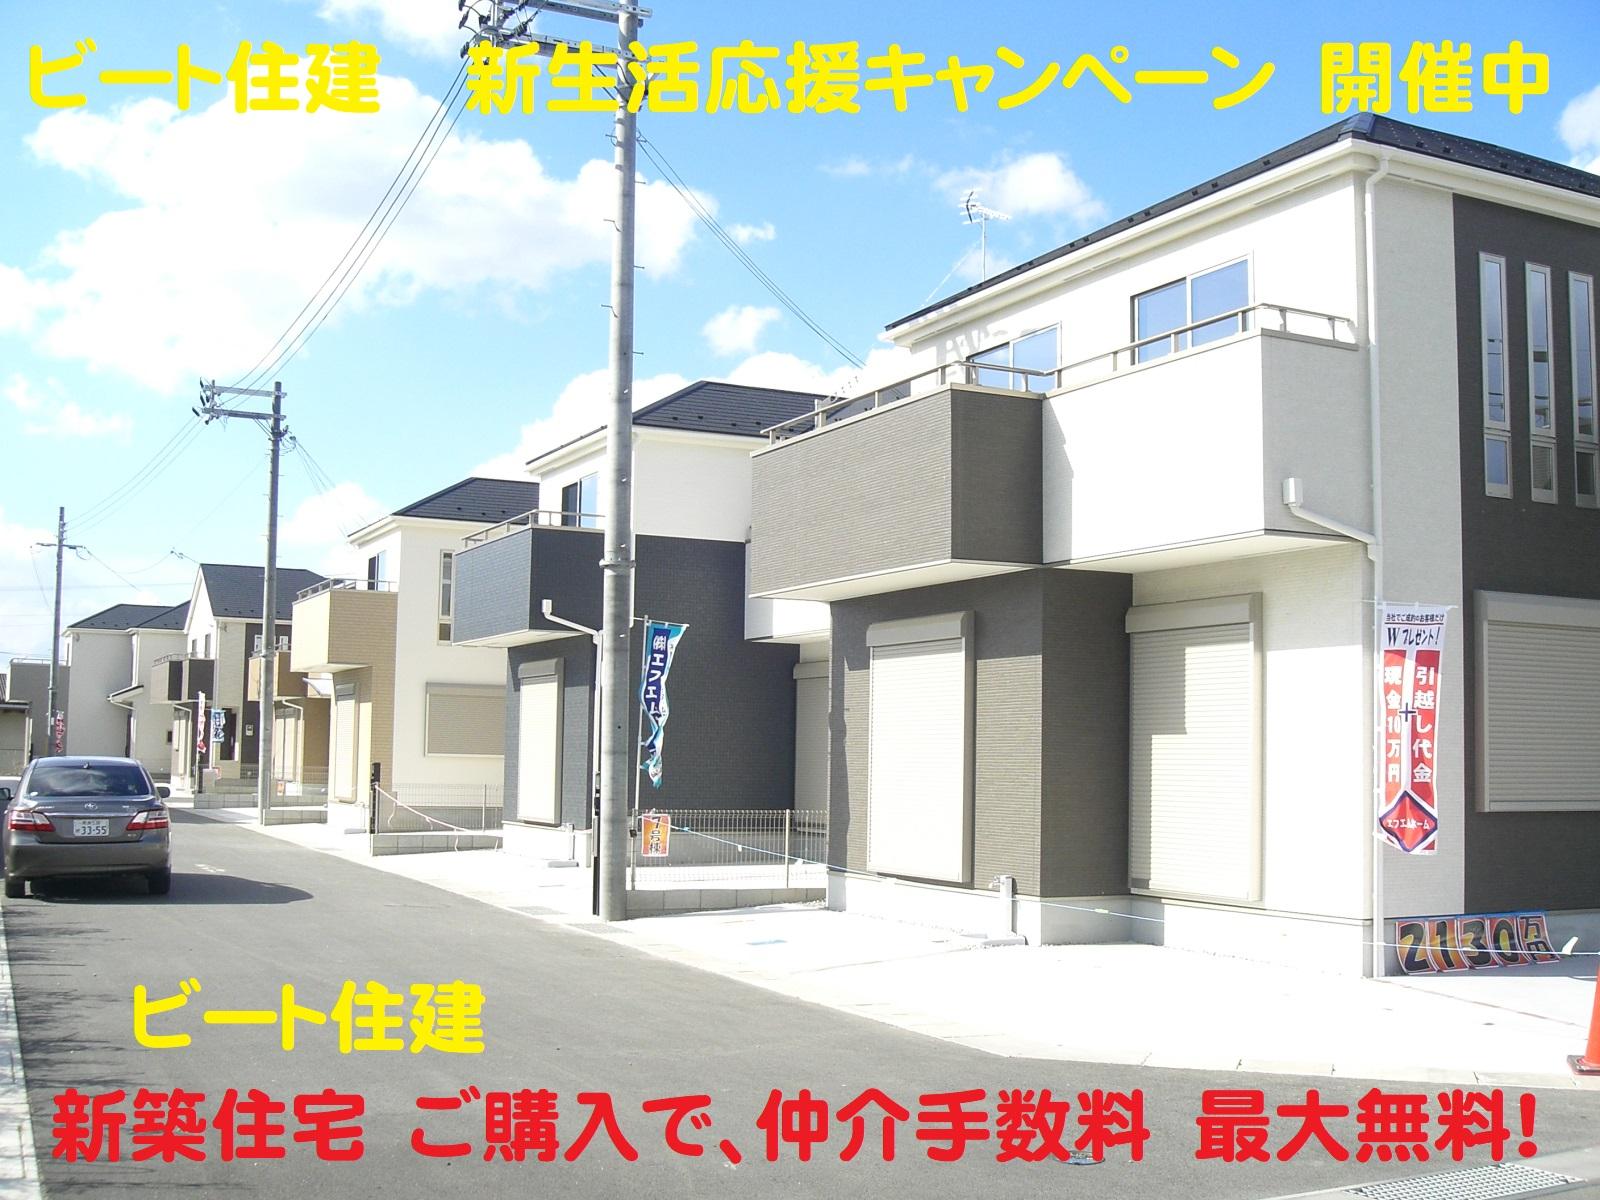 三宅町 伴堂 新築 全7棟 7号棟 角地 建物 高級仕様